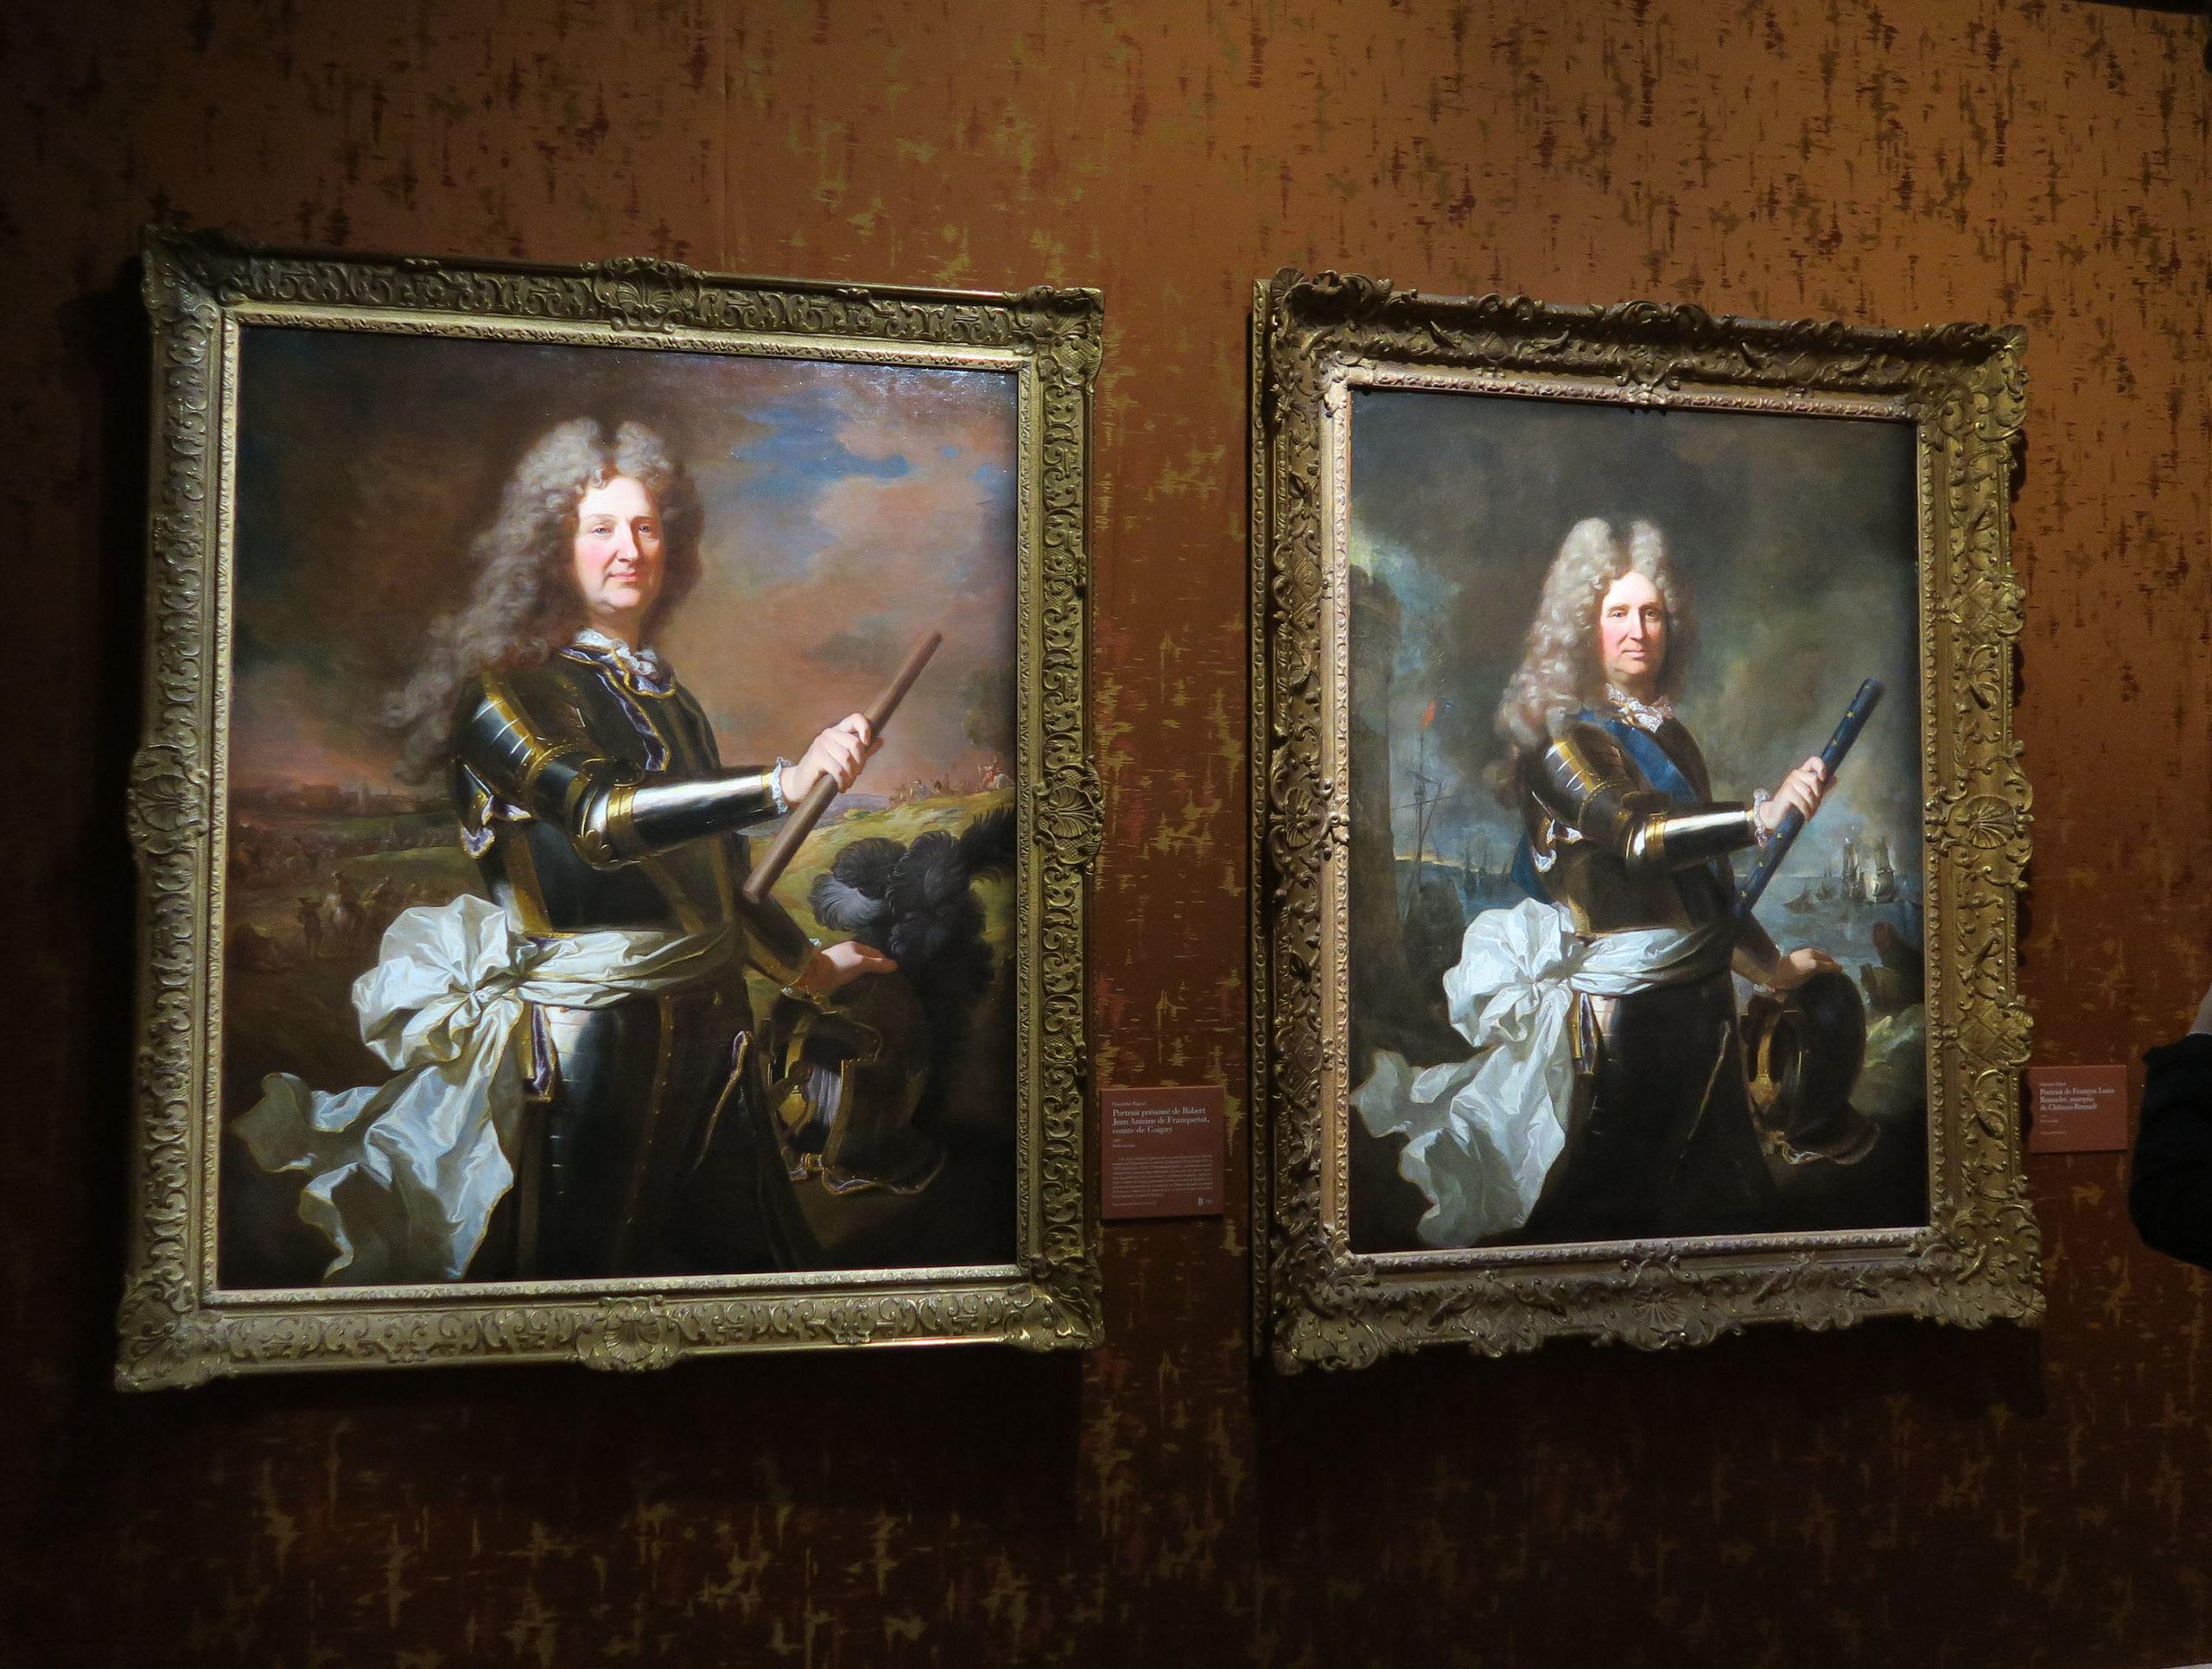 Peintures similaires du comte de Coigny et du marquis de Chateaurenard- Hyacinthe Rigaud